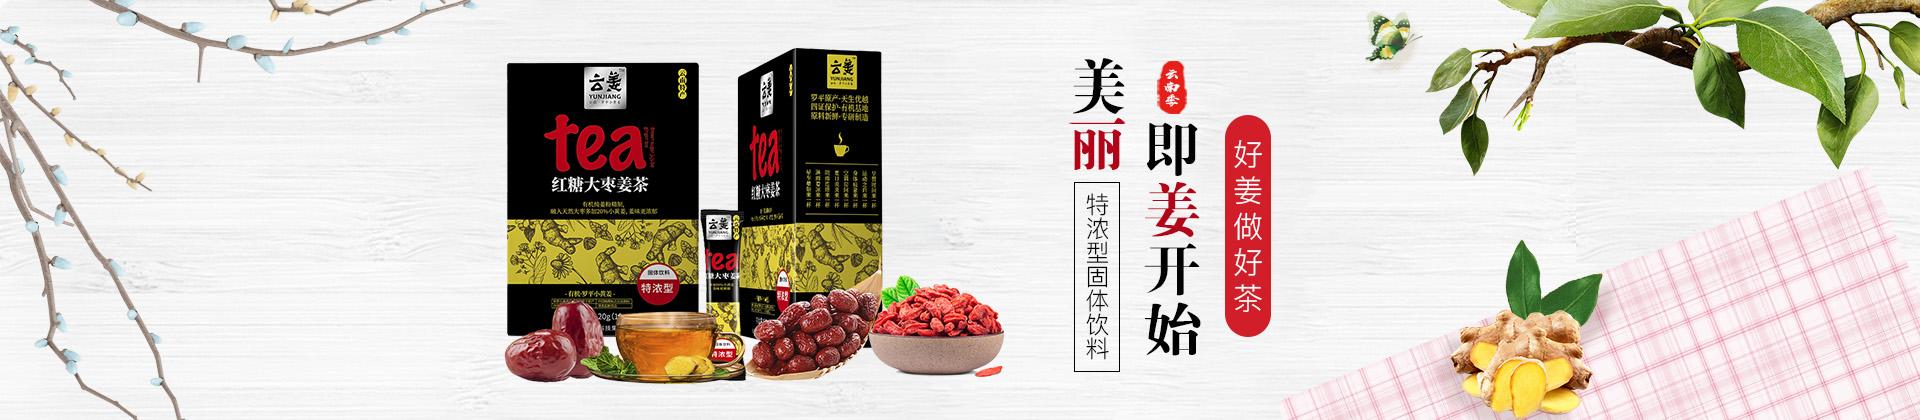 红糖大枣姜茶